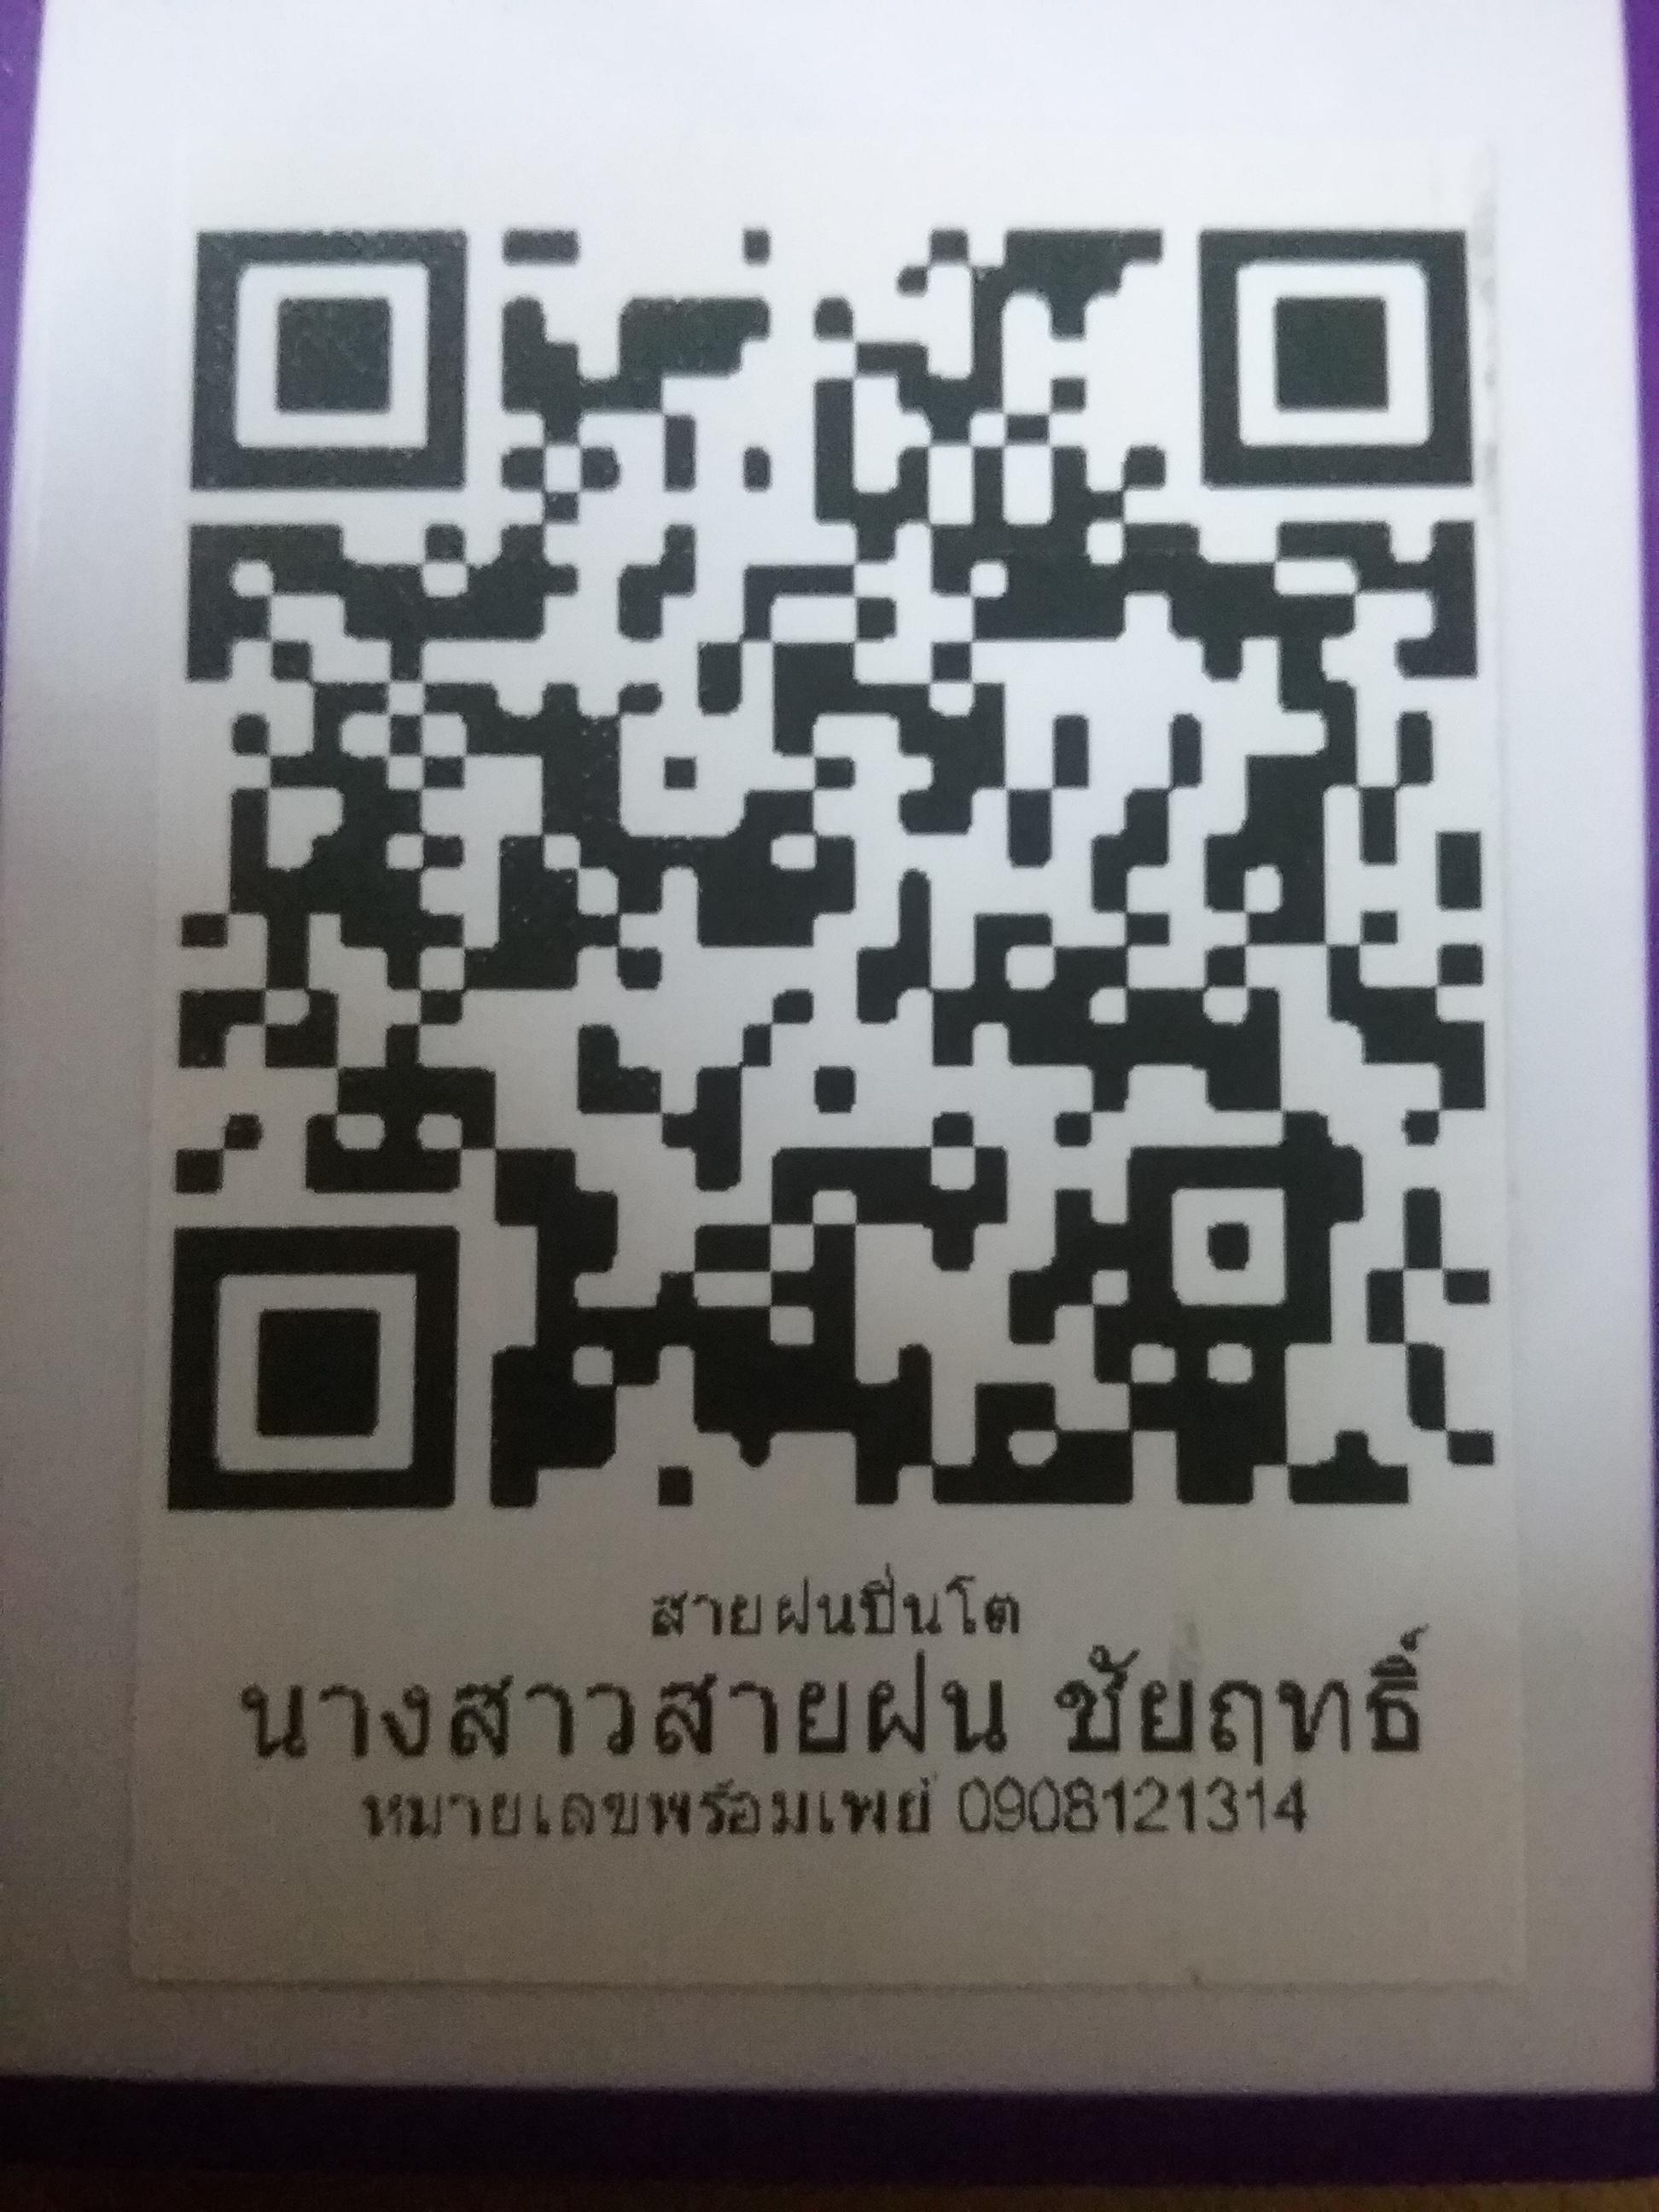 พร้อมเพย์ 0908121314